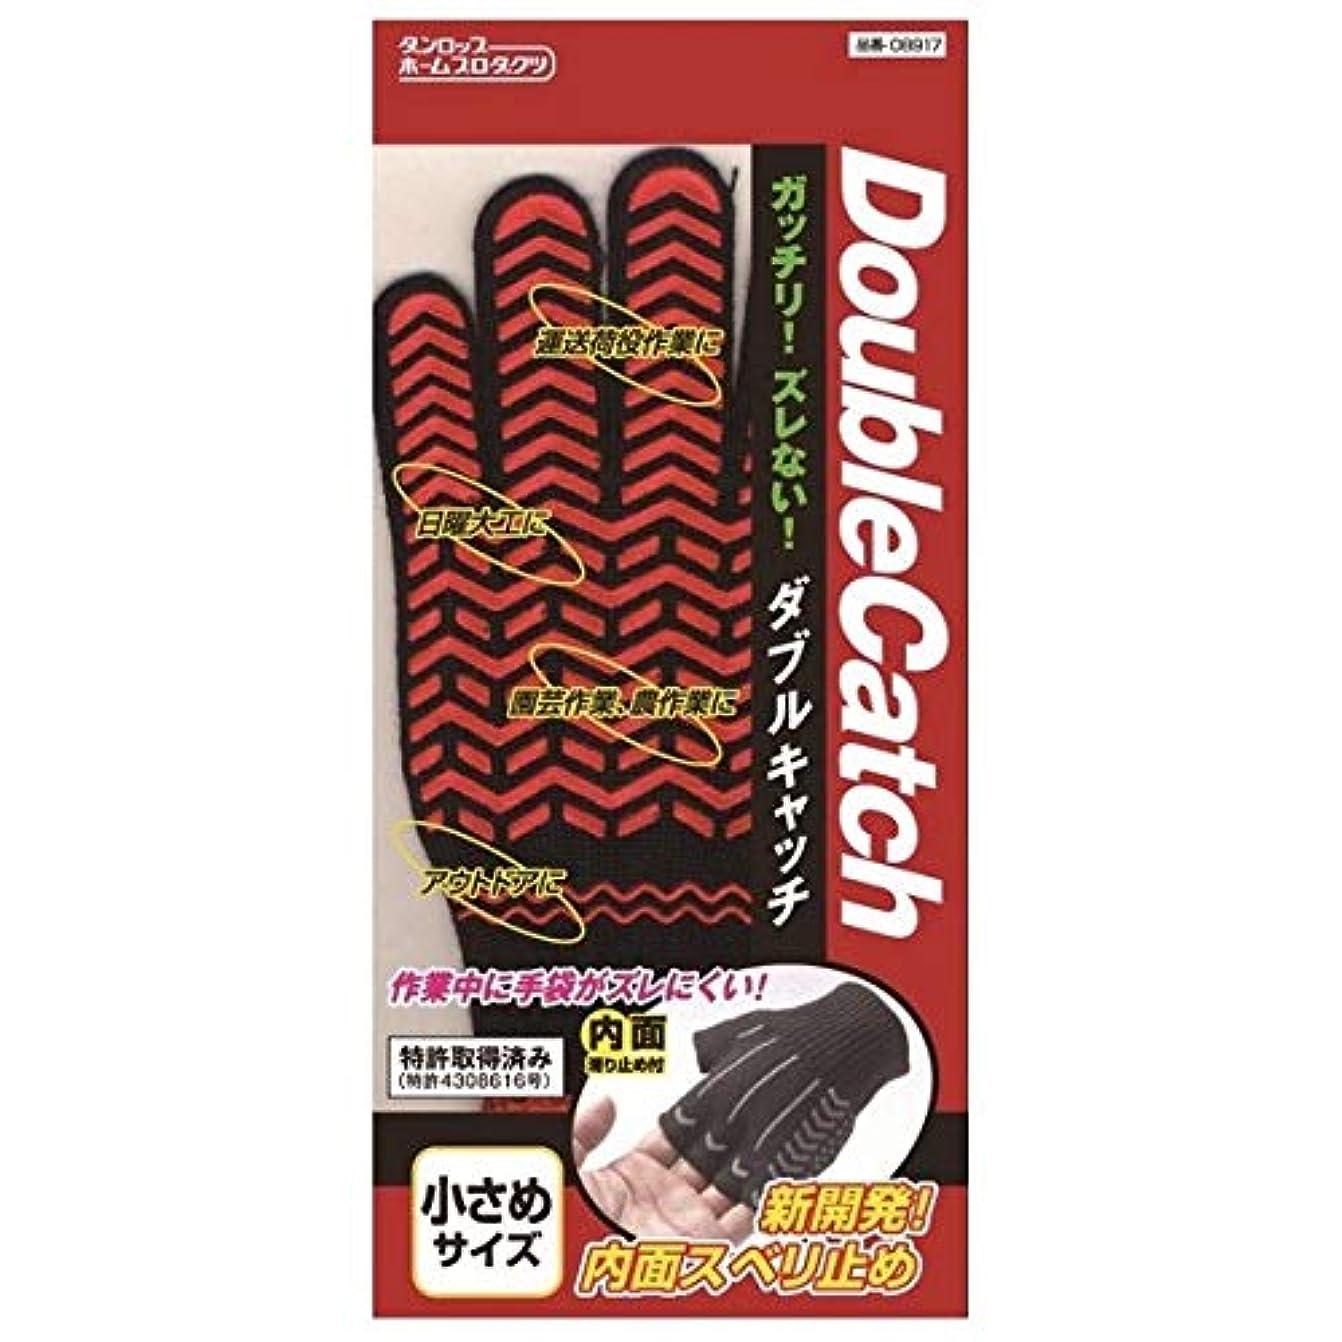 頑張るそよ風カップダンロップ ダブルキャッチ 手袋 小さめサイズ レッド 10双×12袋(120双)